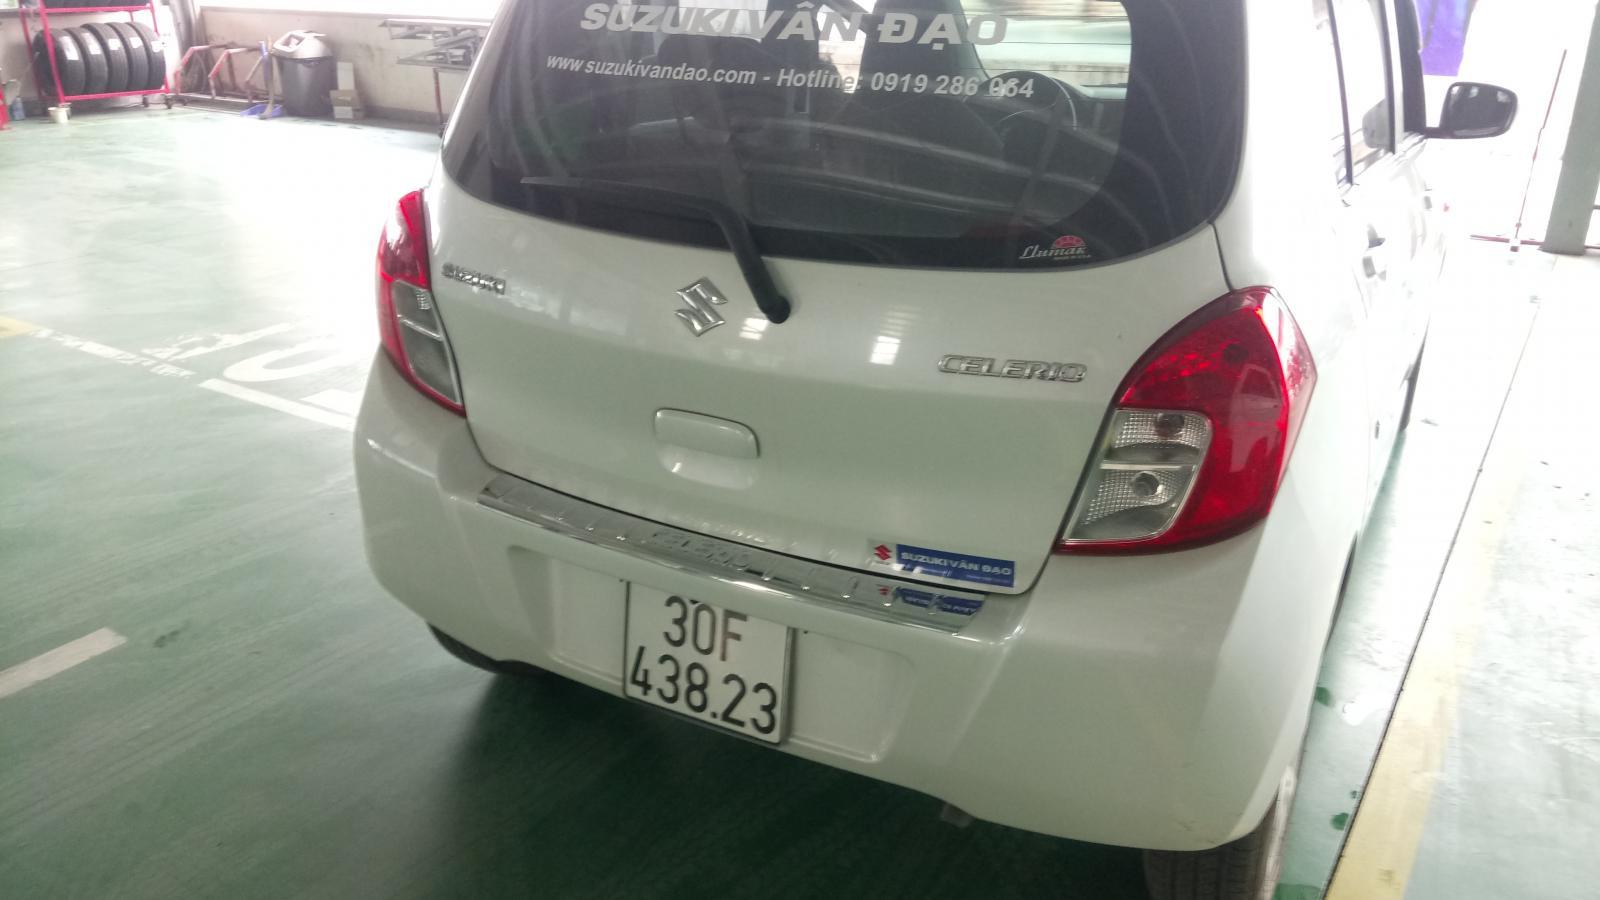 Suzuki Celerio 2019 rất nhiều khuyến mãi giảm giá và phụ kiện hấp dẫn